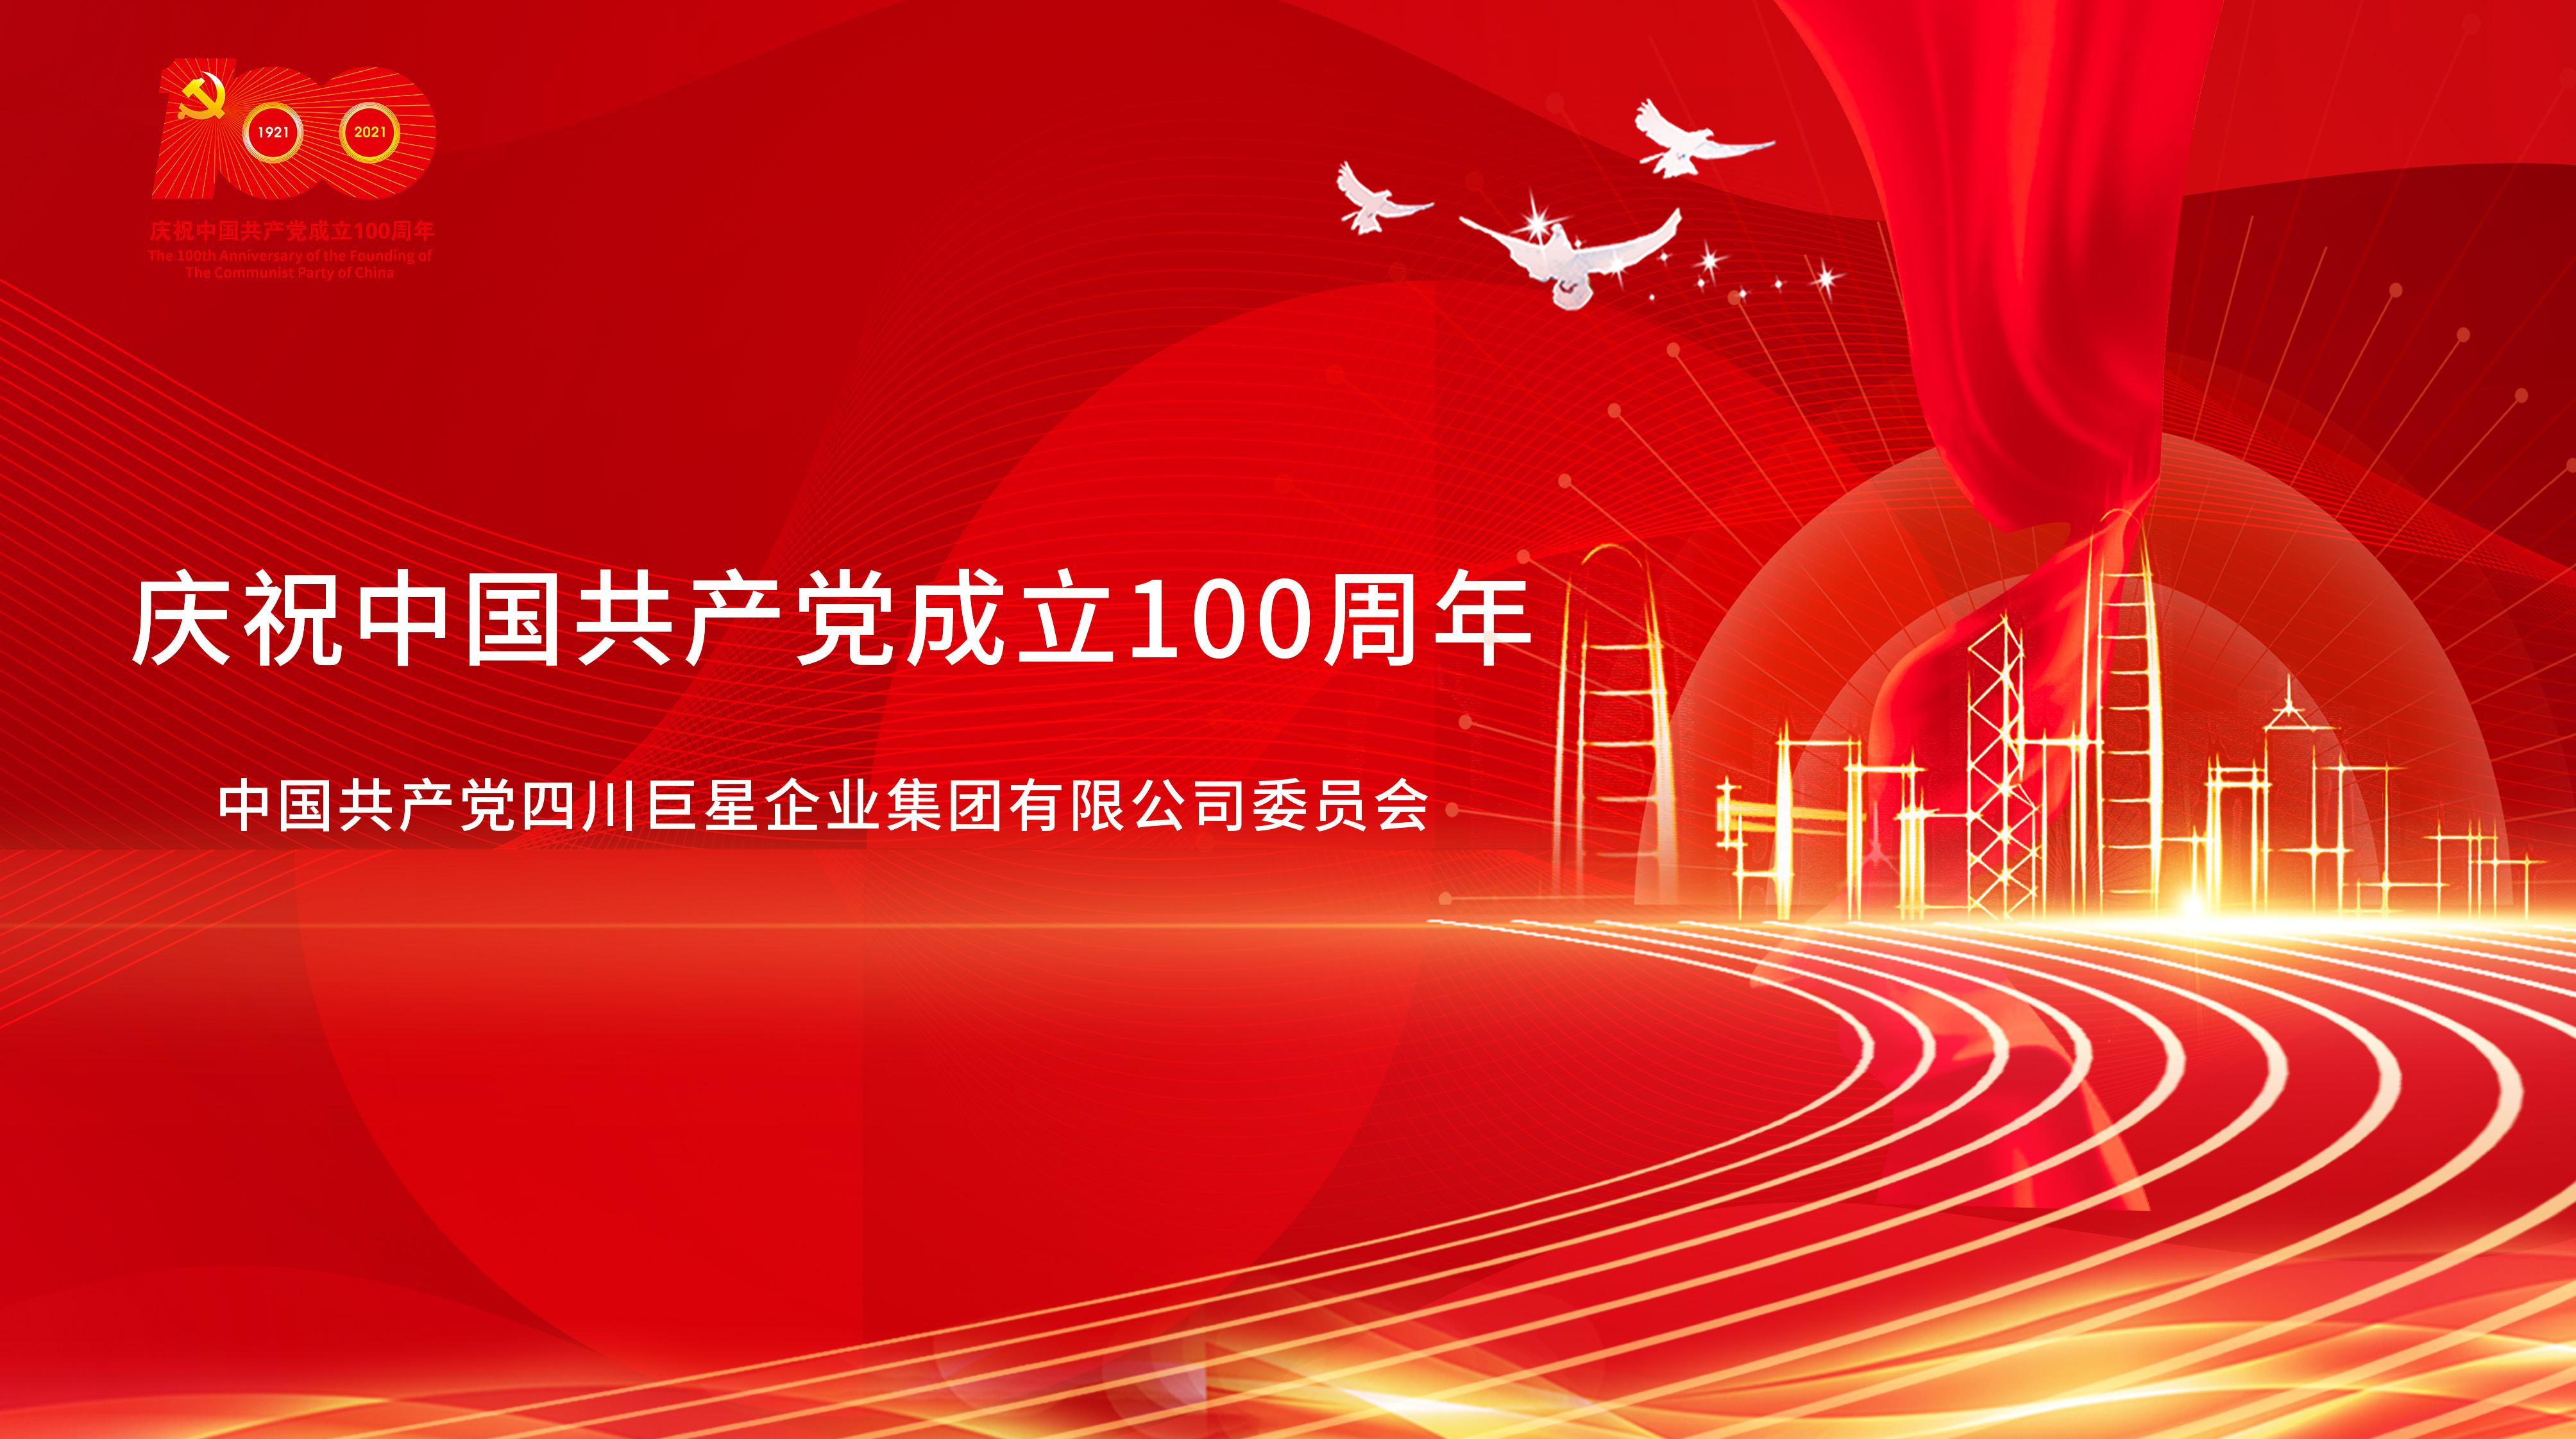 百年恰是风华正茂|巨星热烈庆祝中国共产党成立100周年